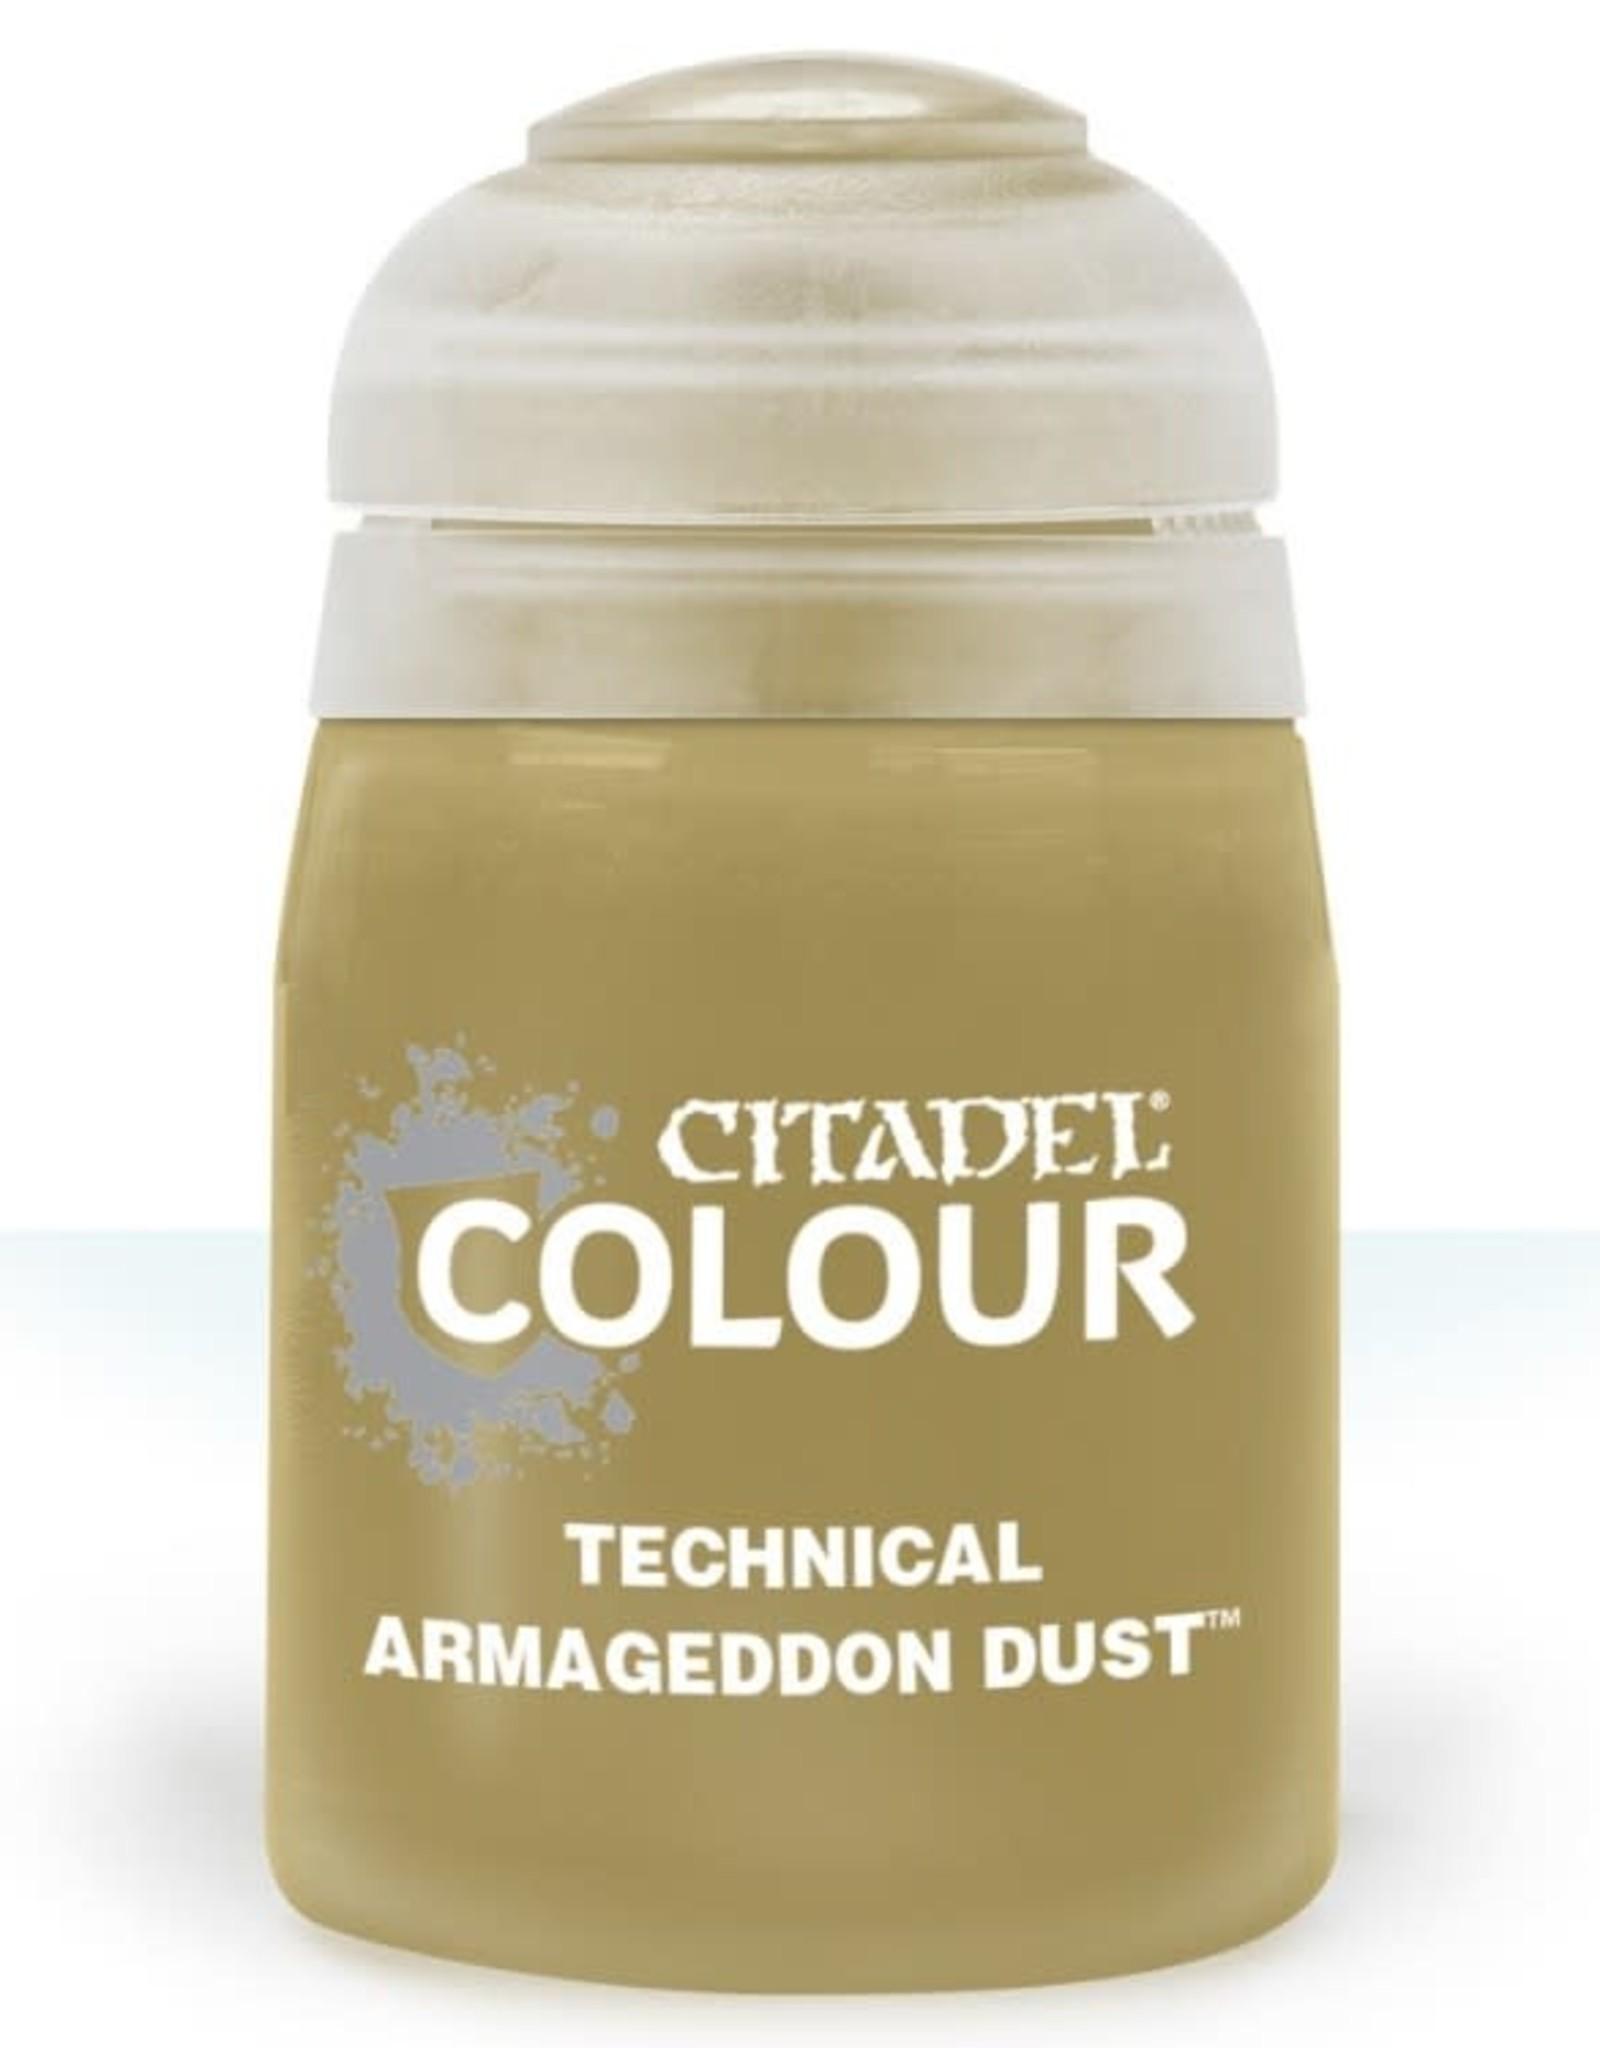 Games Workshop Citadel Paint: Technical - Armageddon Dust 24ml